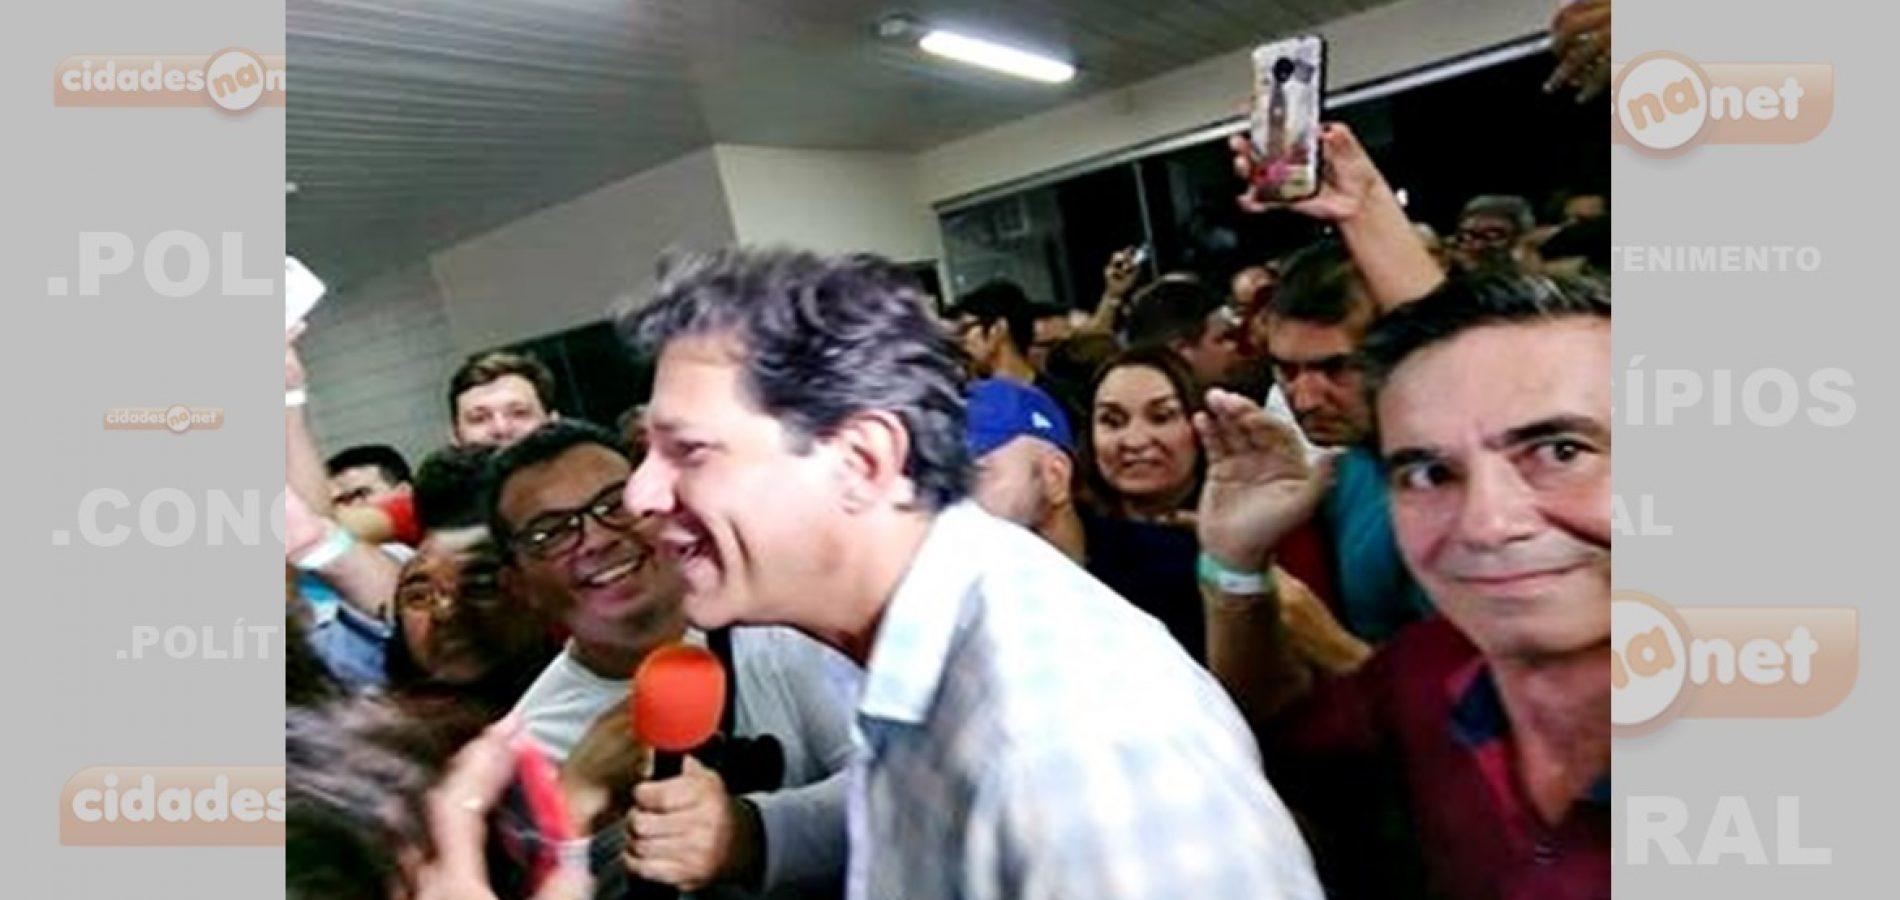 Prefeito Erculano participa de comício e reafirma voto em Haddad